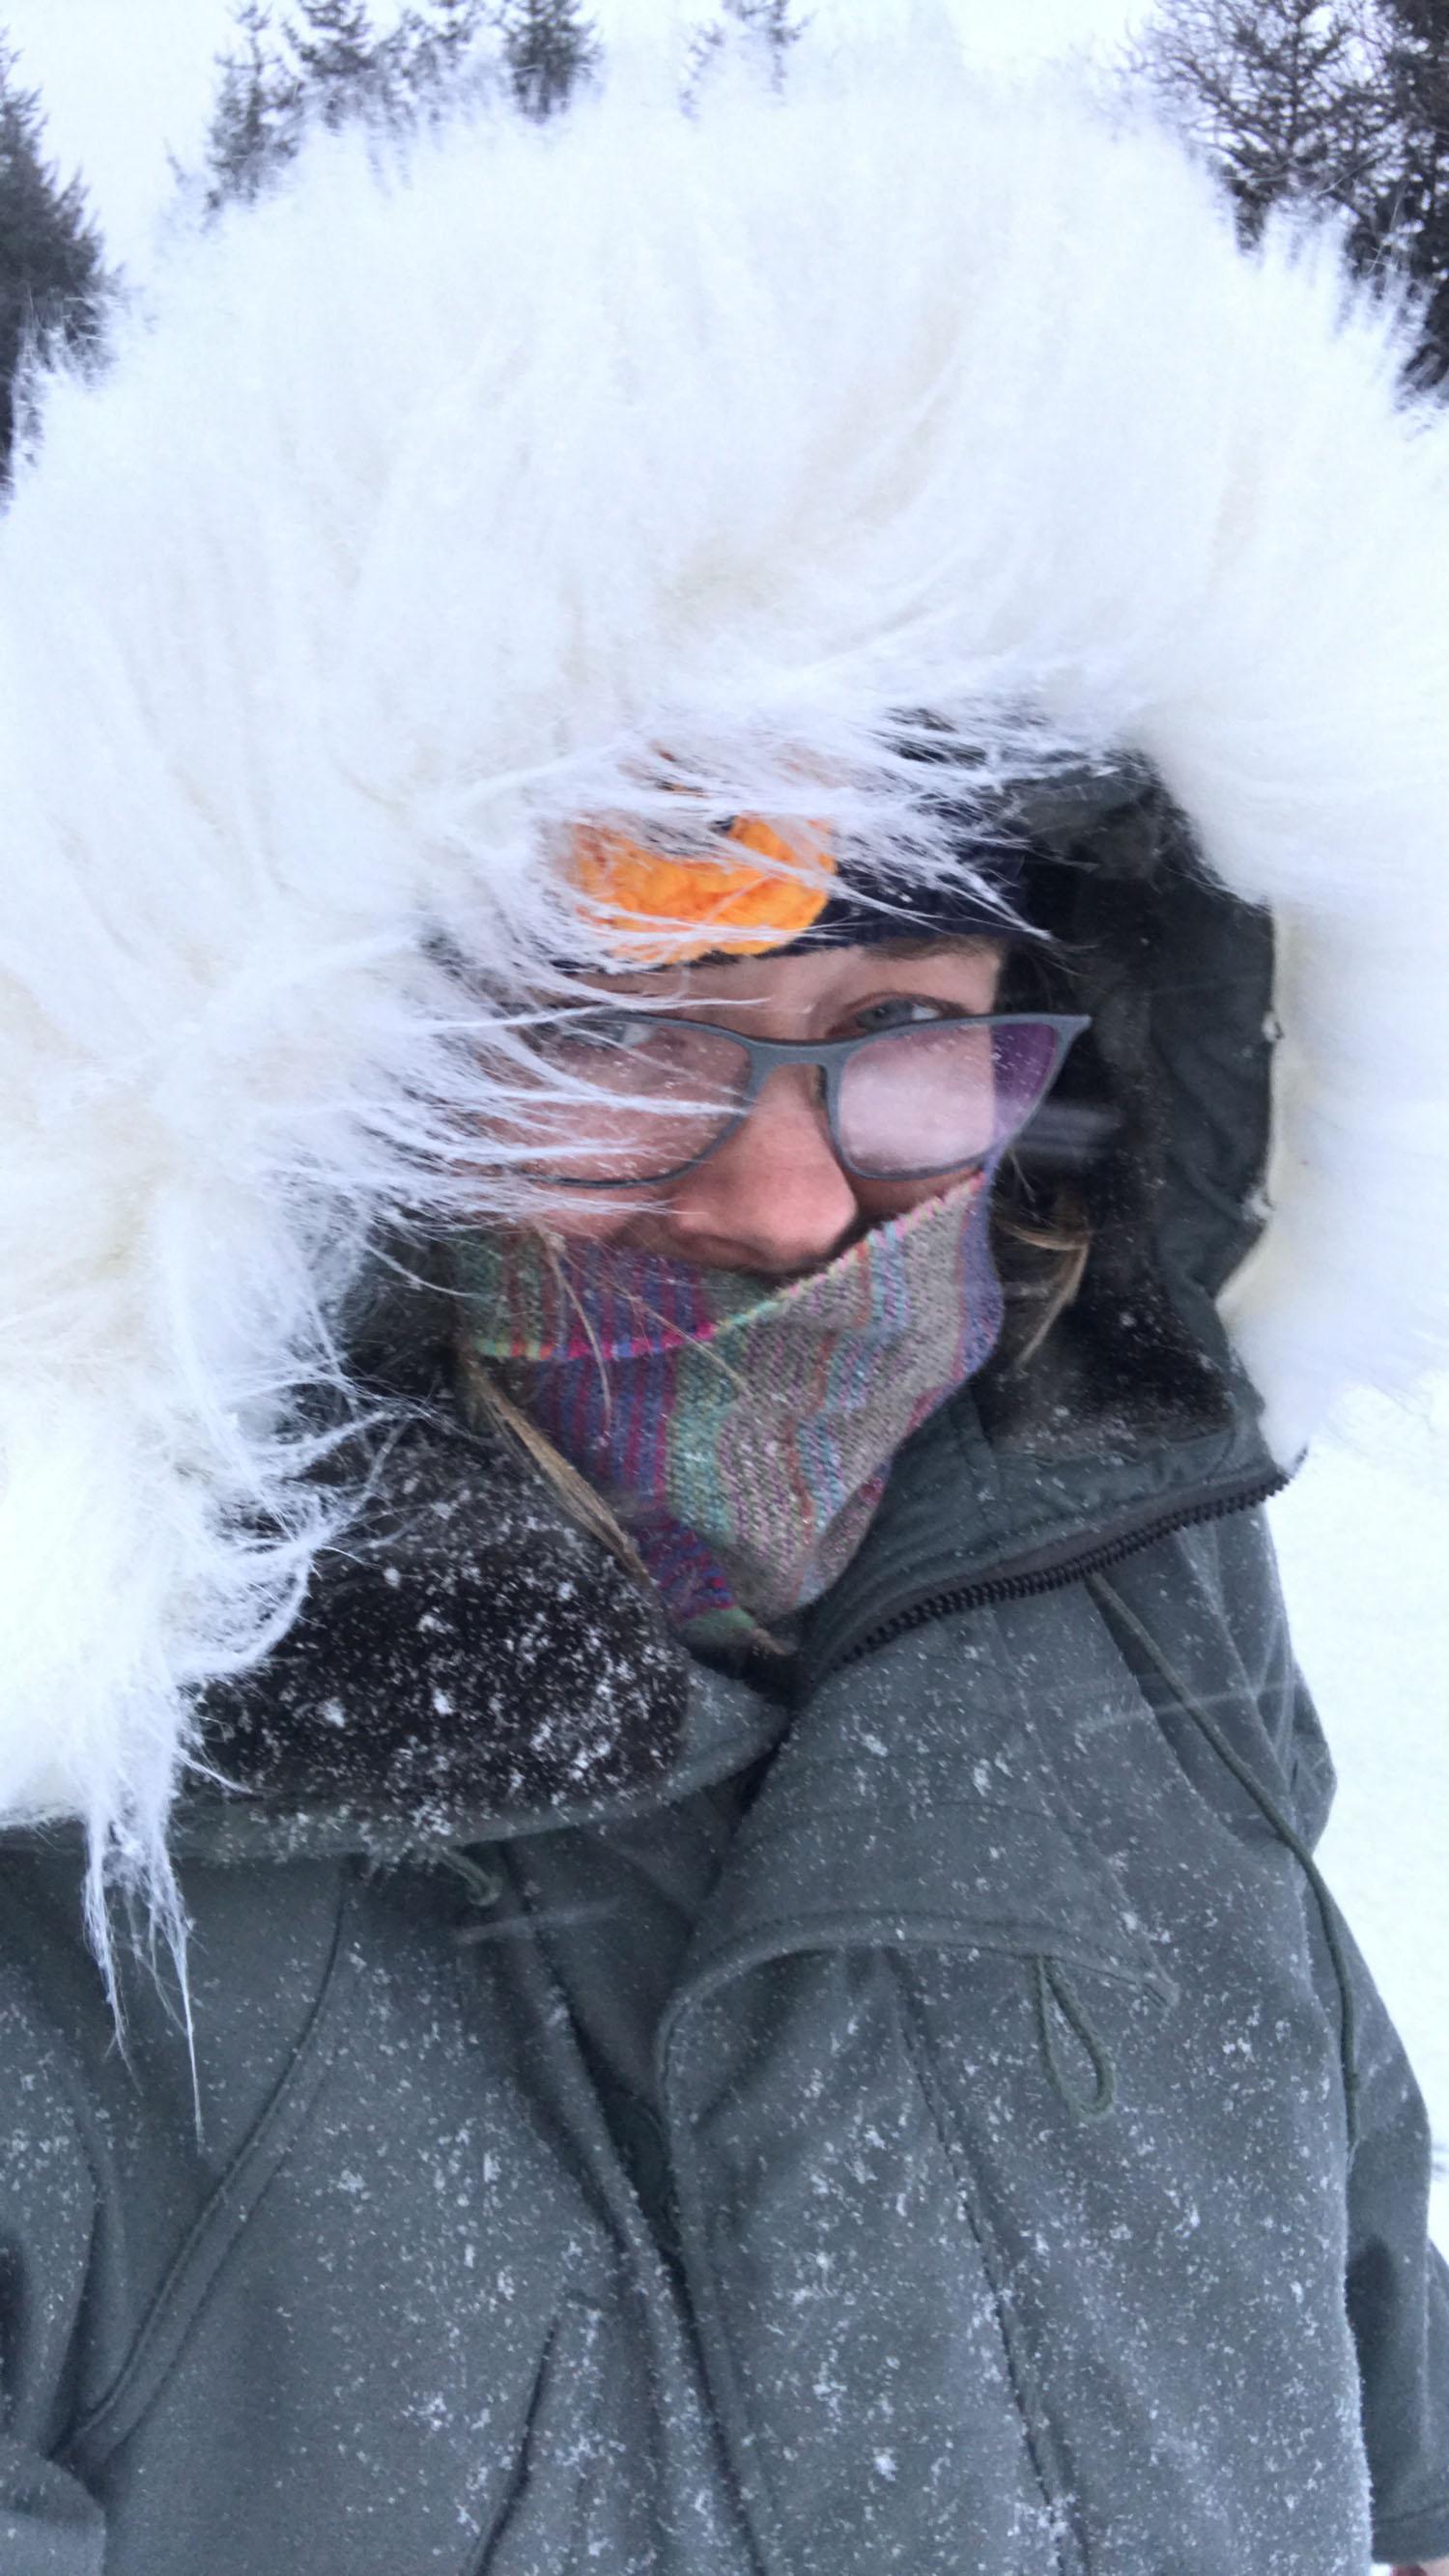 Looking like an eskimo